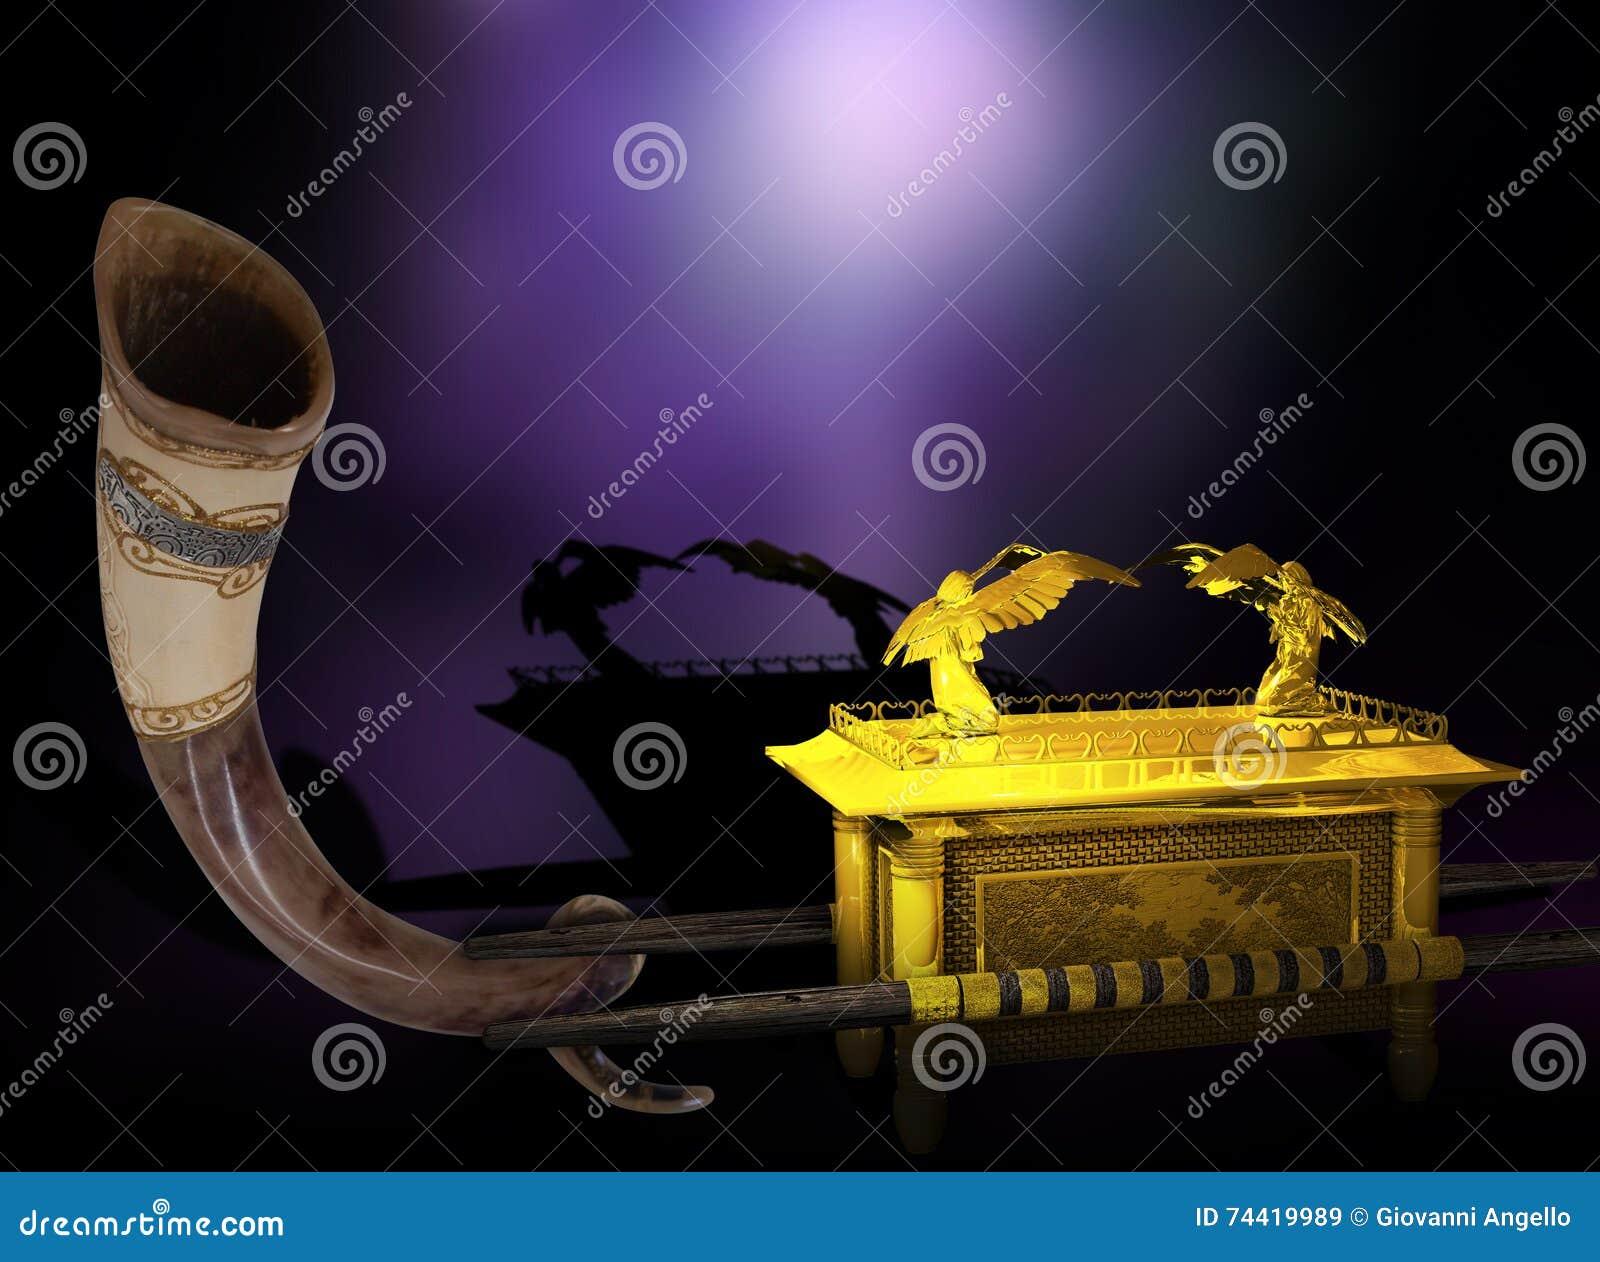 Ark of the Covenant s Shofar